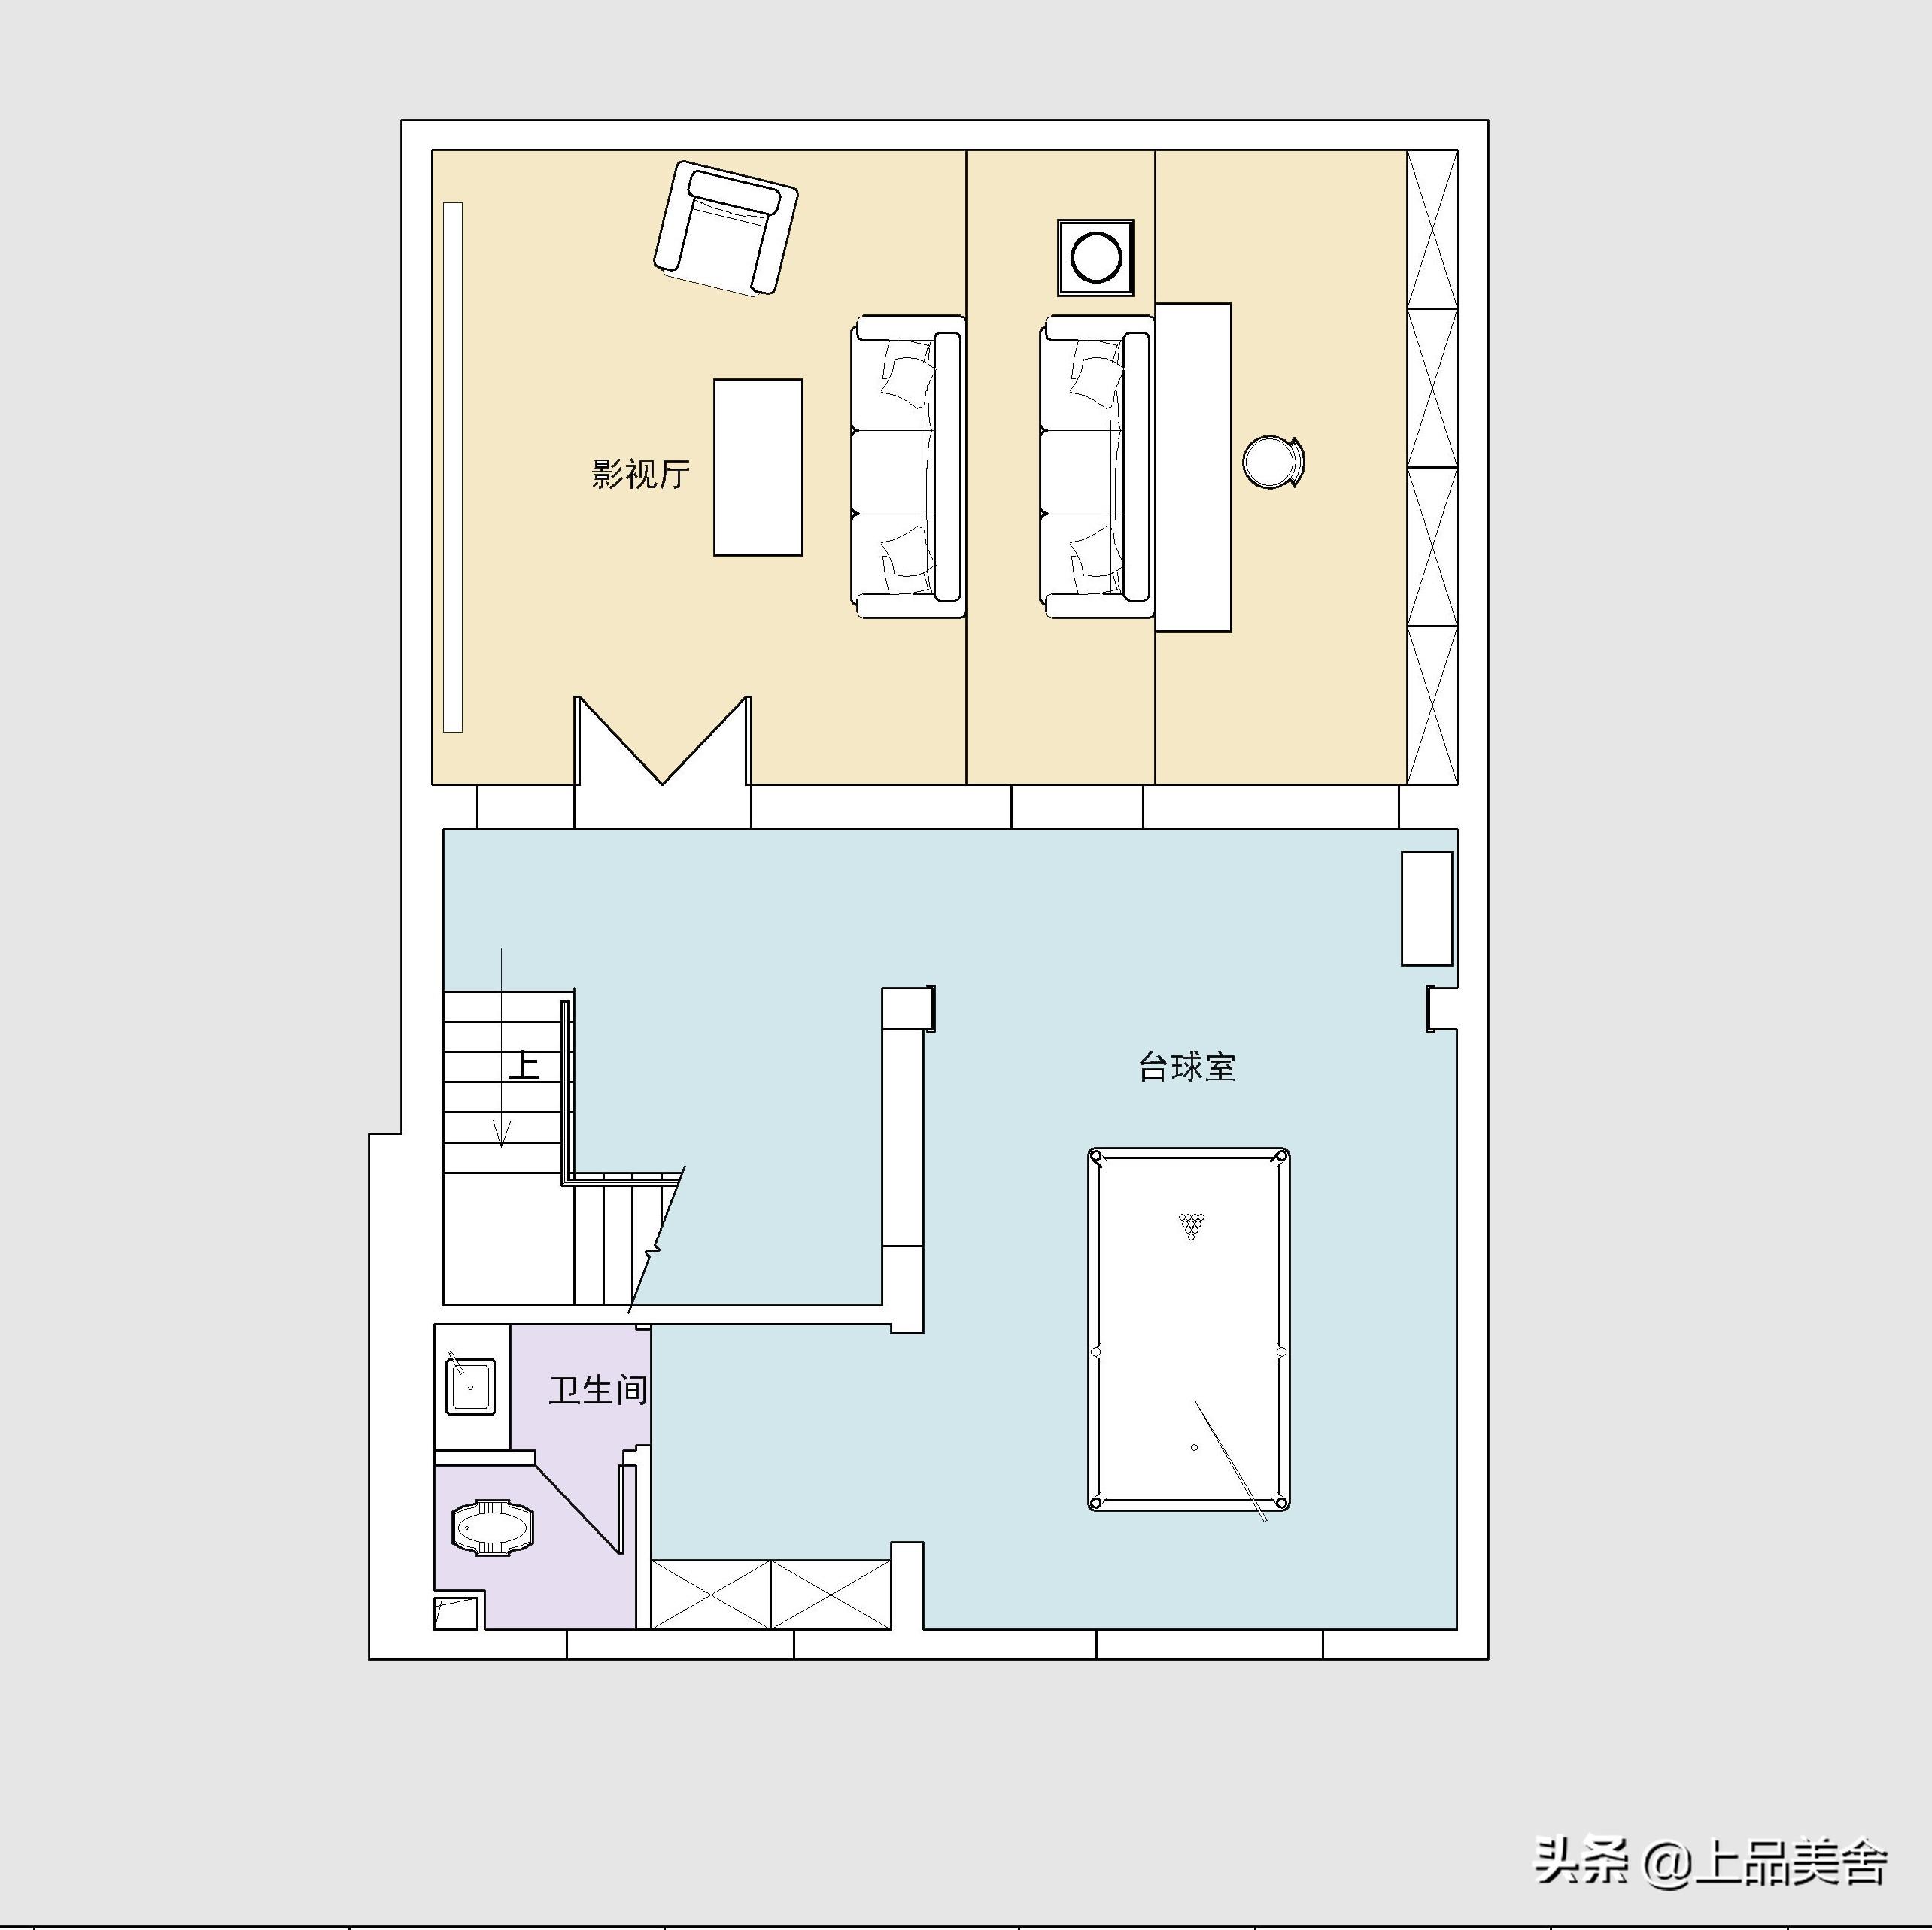 为了住豪宅,他们买下241平三层小别墅,装修效果太好,有诗意